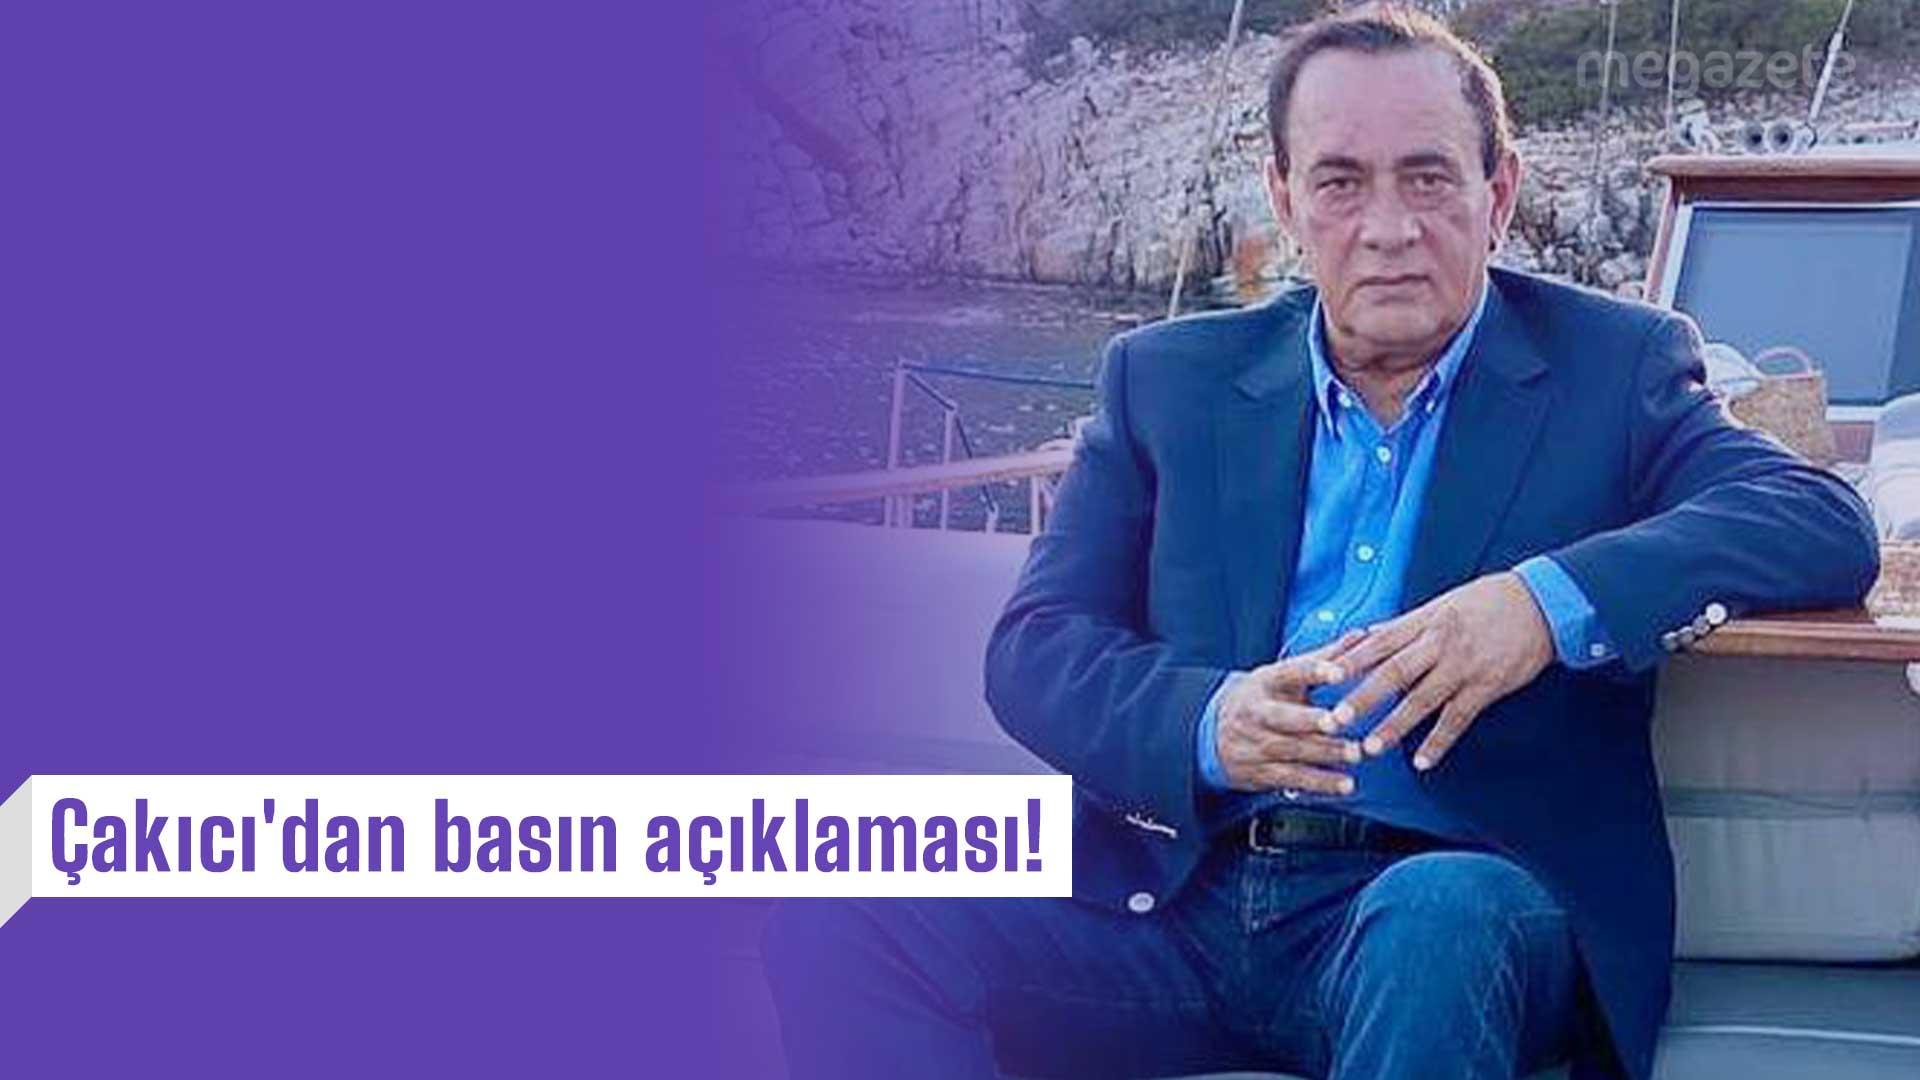 Çakıcı'dan Hapis Cezasına İlişkin Son Dakika Basın Açıklaması!